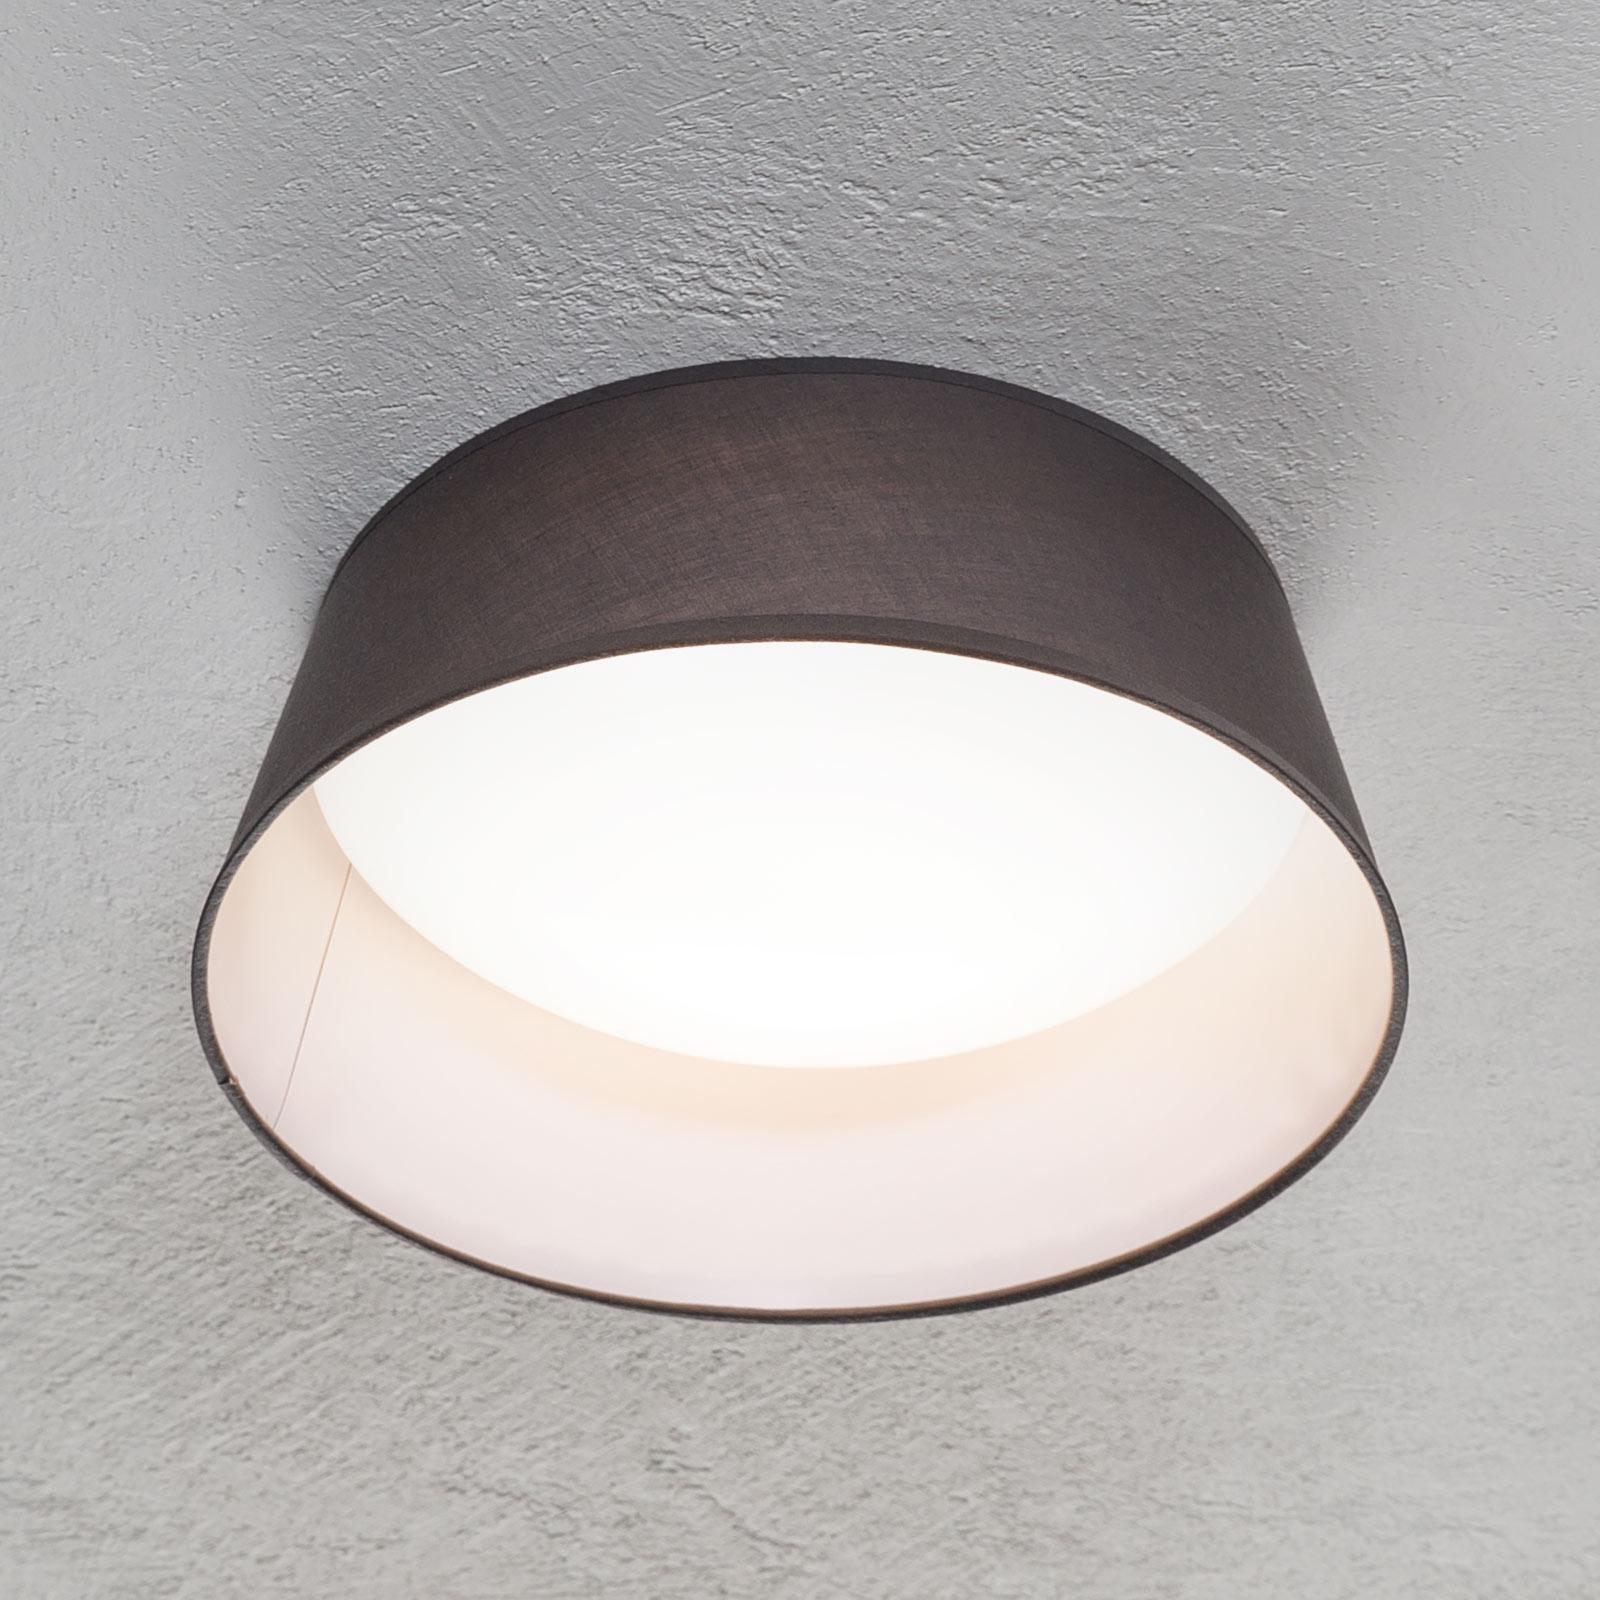 Lampa sufitowa LED Ponts z tekstylnym kloszem